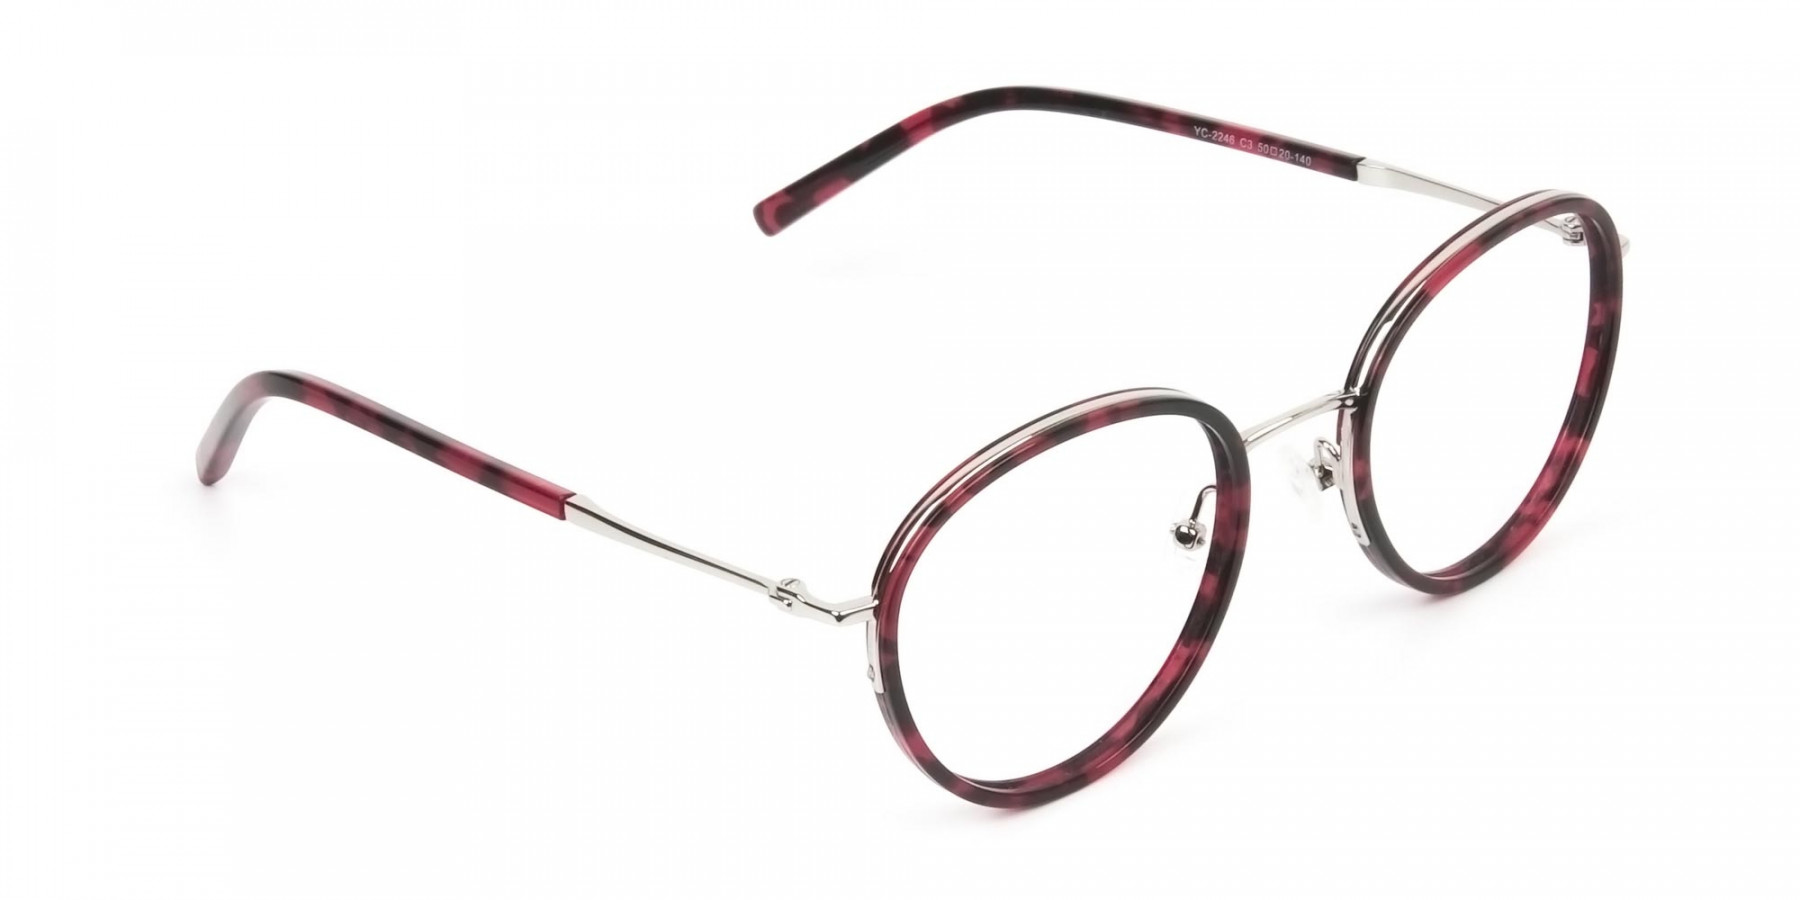 Retro Silver & Red Circular Glasses - 1